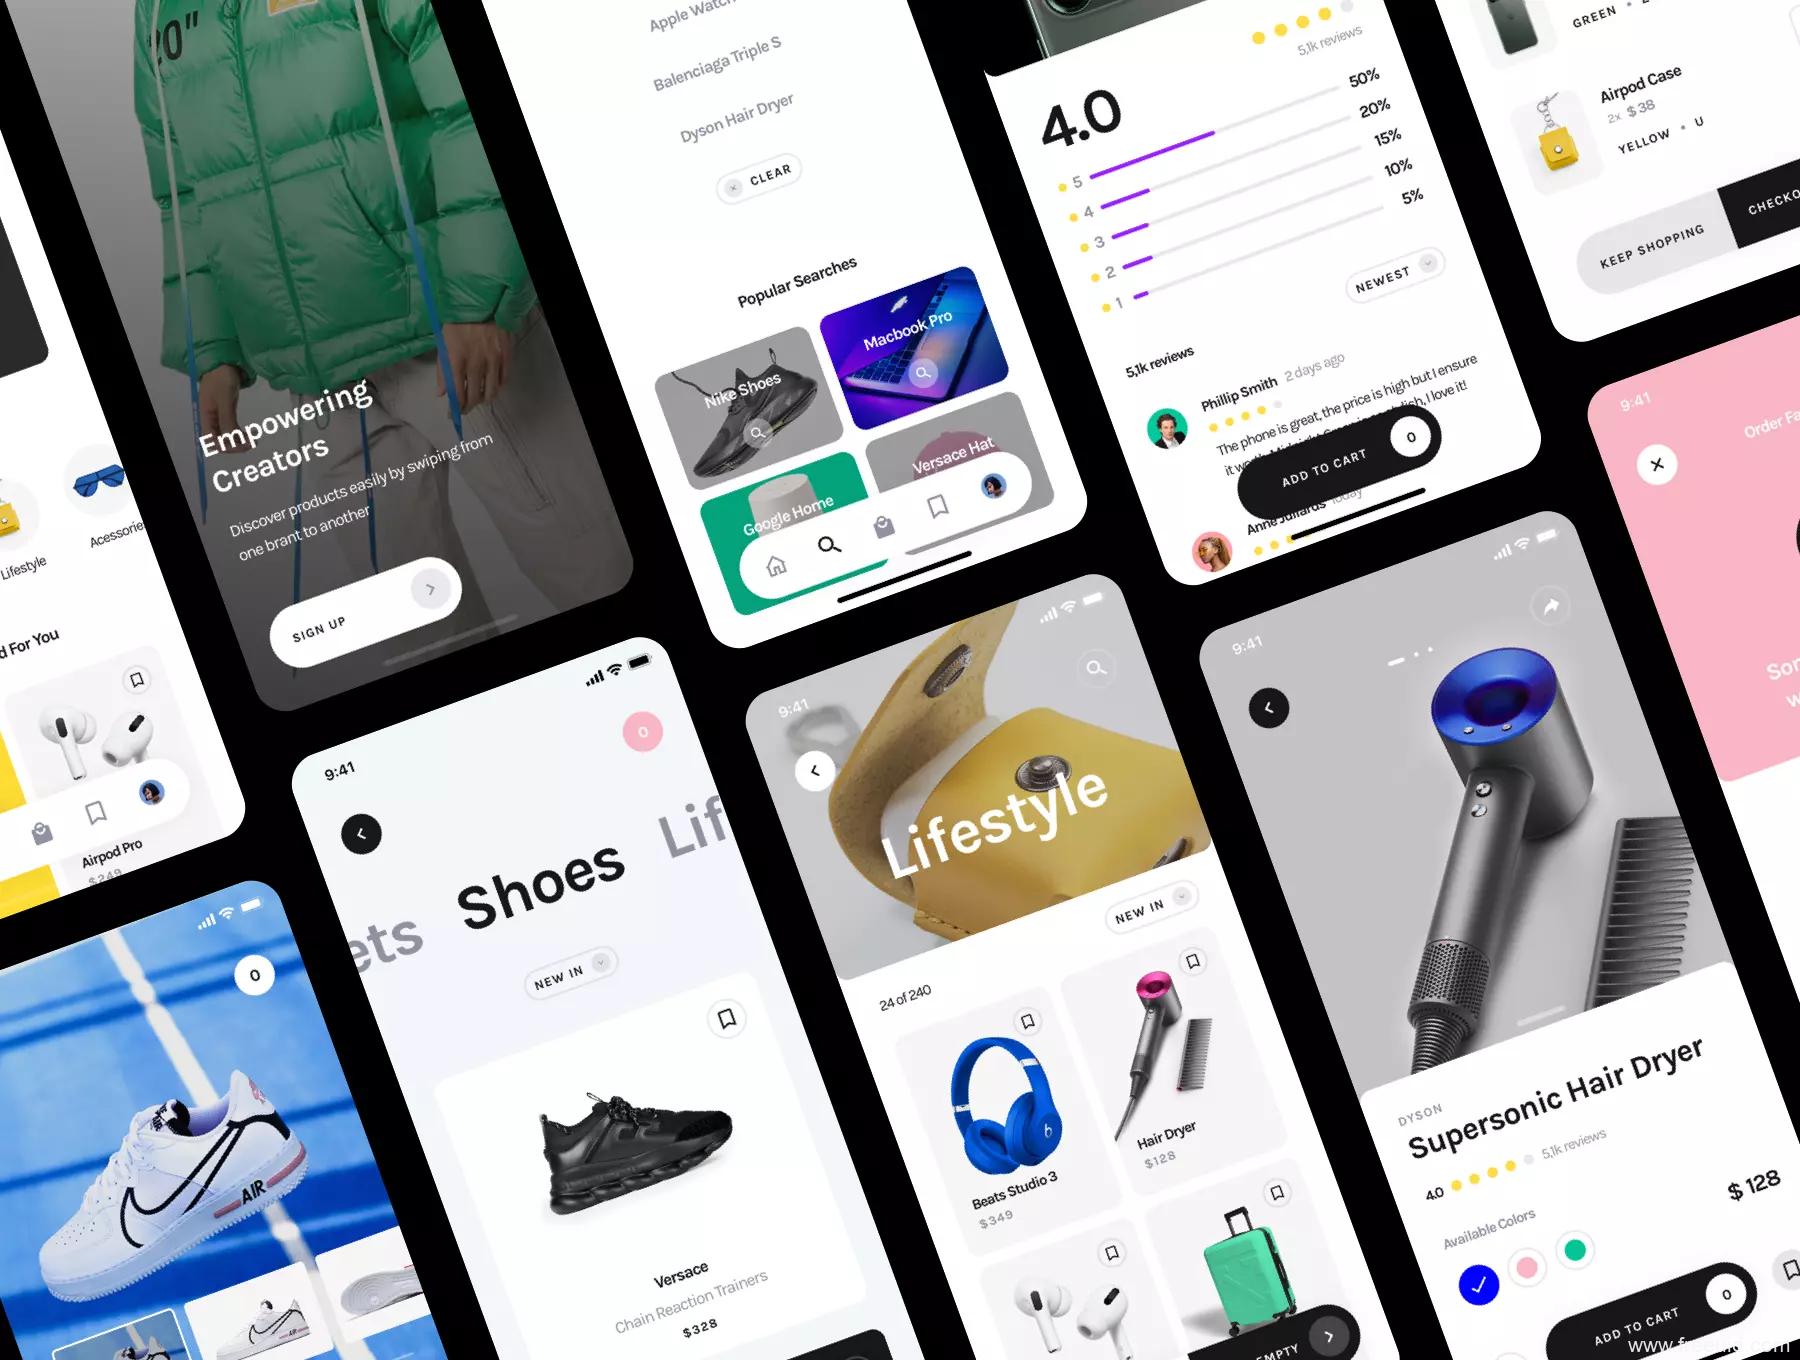 一套简约大气的电商app UI源文件下载,2021年最新轻电商应用UI模板sketch源文件下载